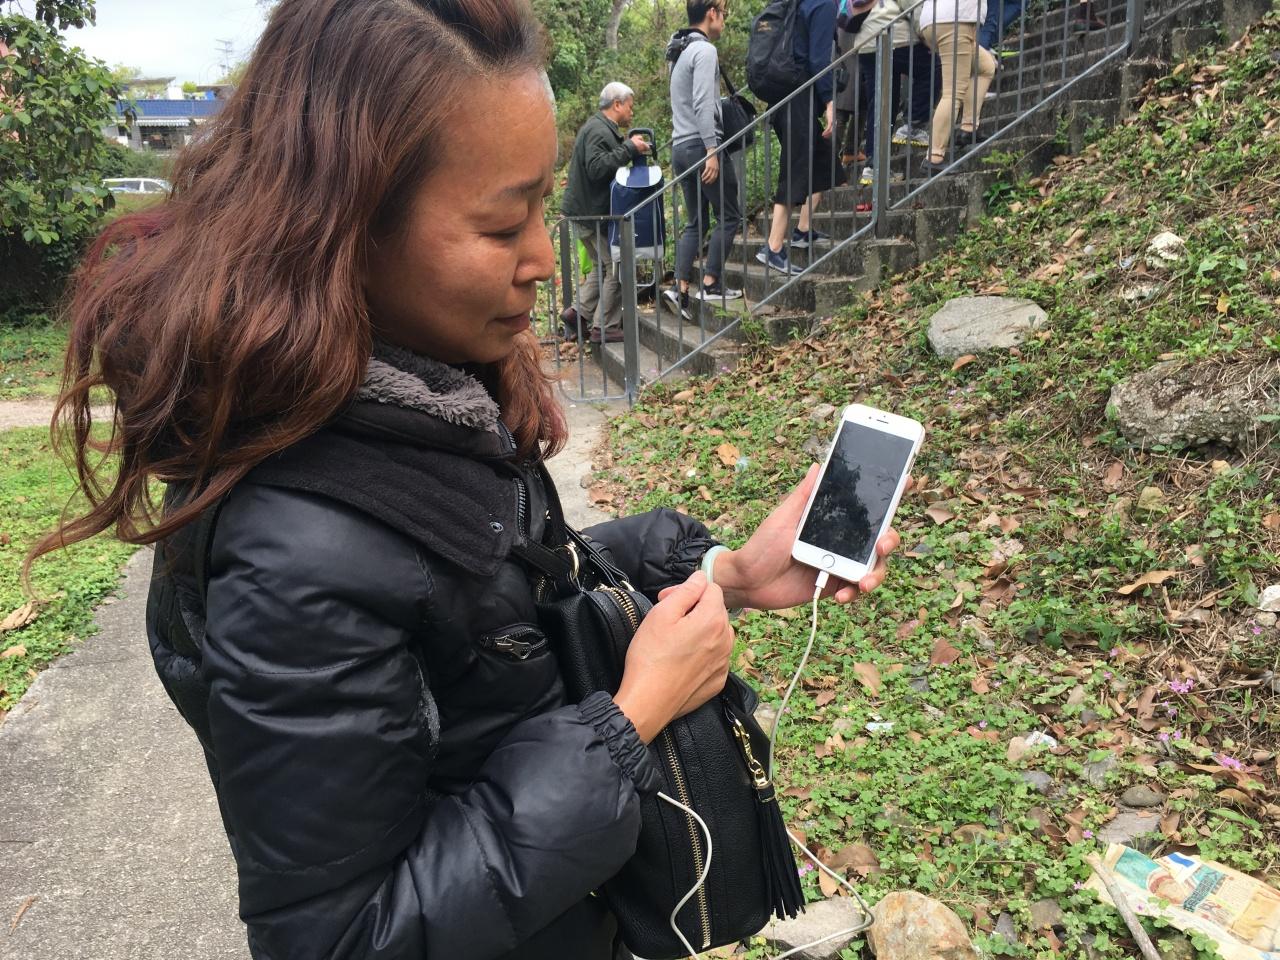 朱小姐向記者展示牛群過牛路的情況,她希望車主不要駕駛得太快,要顧及牛群。(吳韻菁攝)